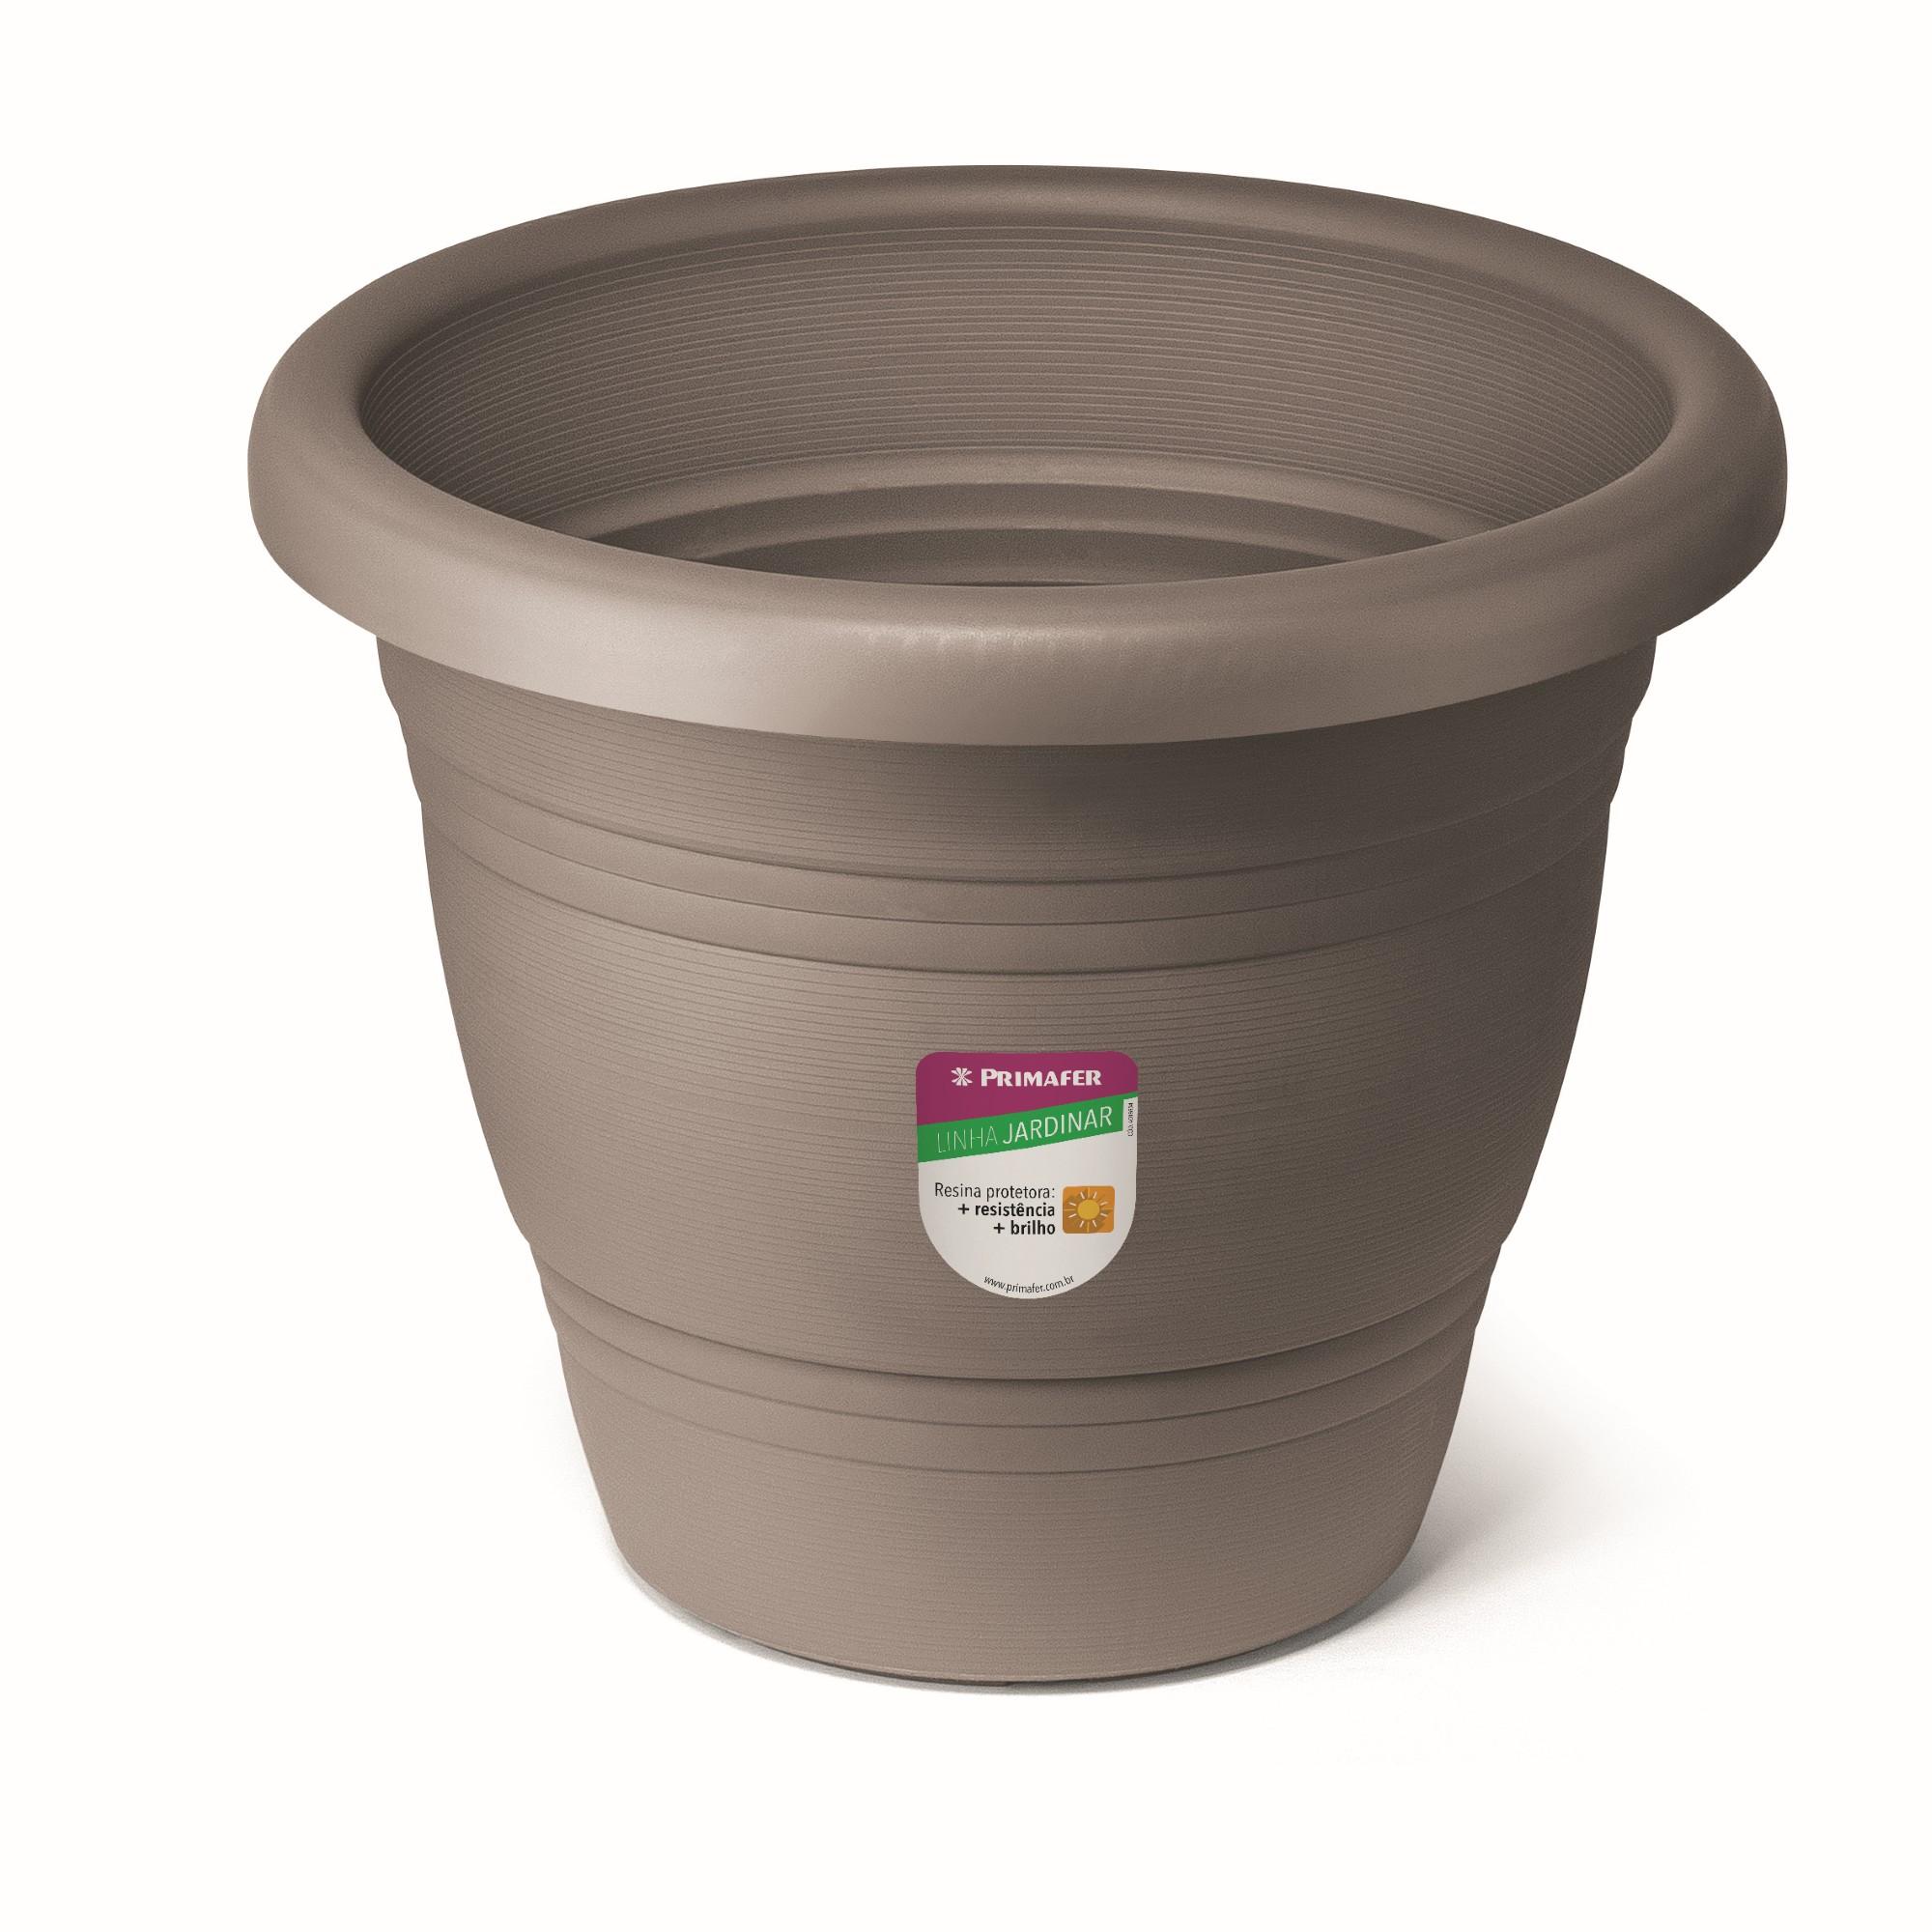 Vaso de Plastico para Plantas 28 x 28 cm Cinza - Primafer